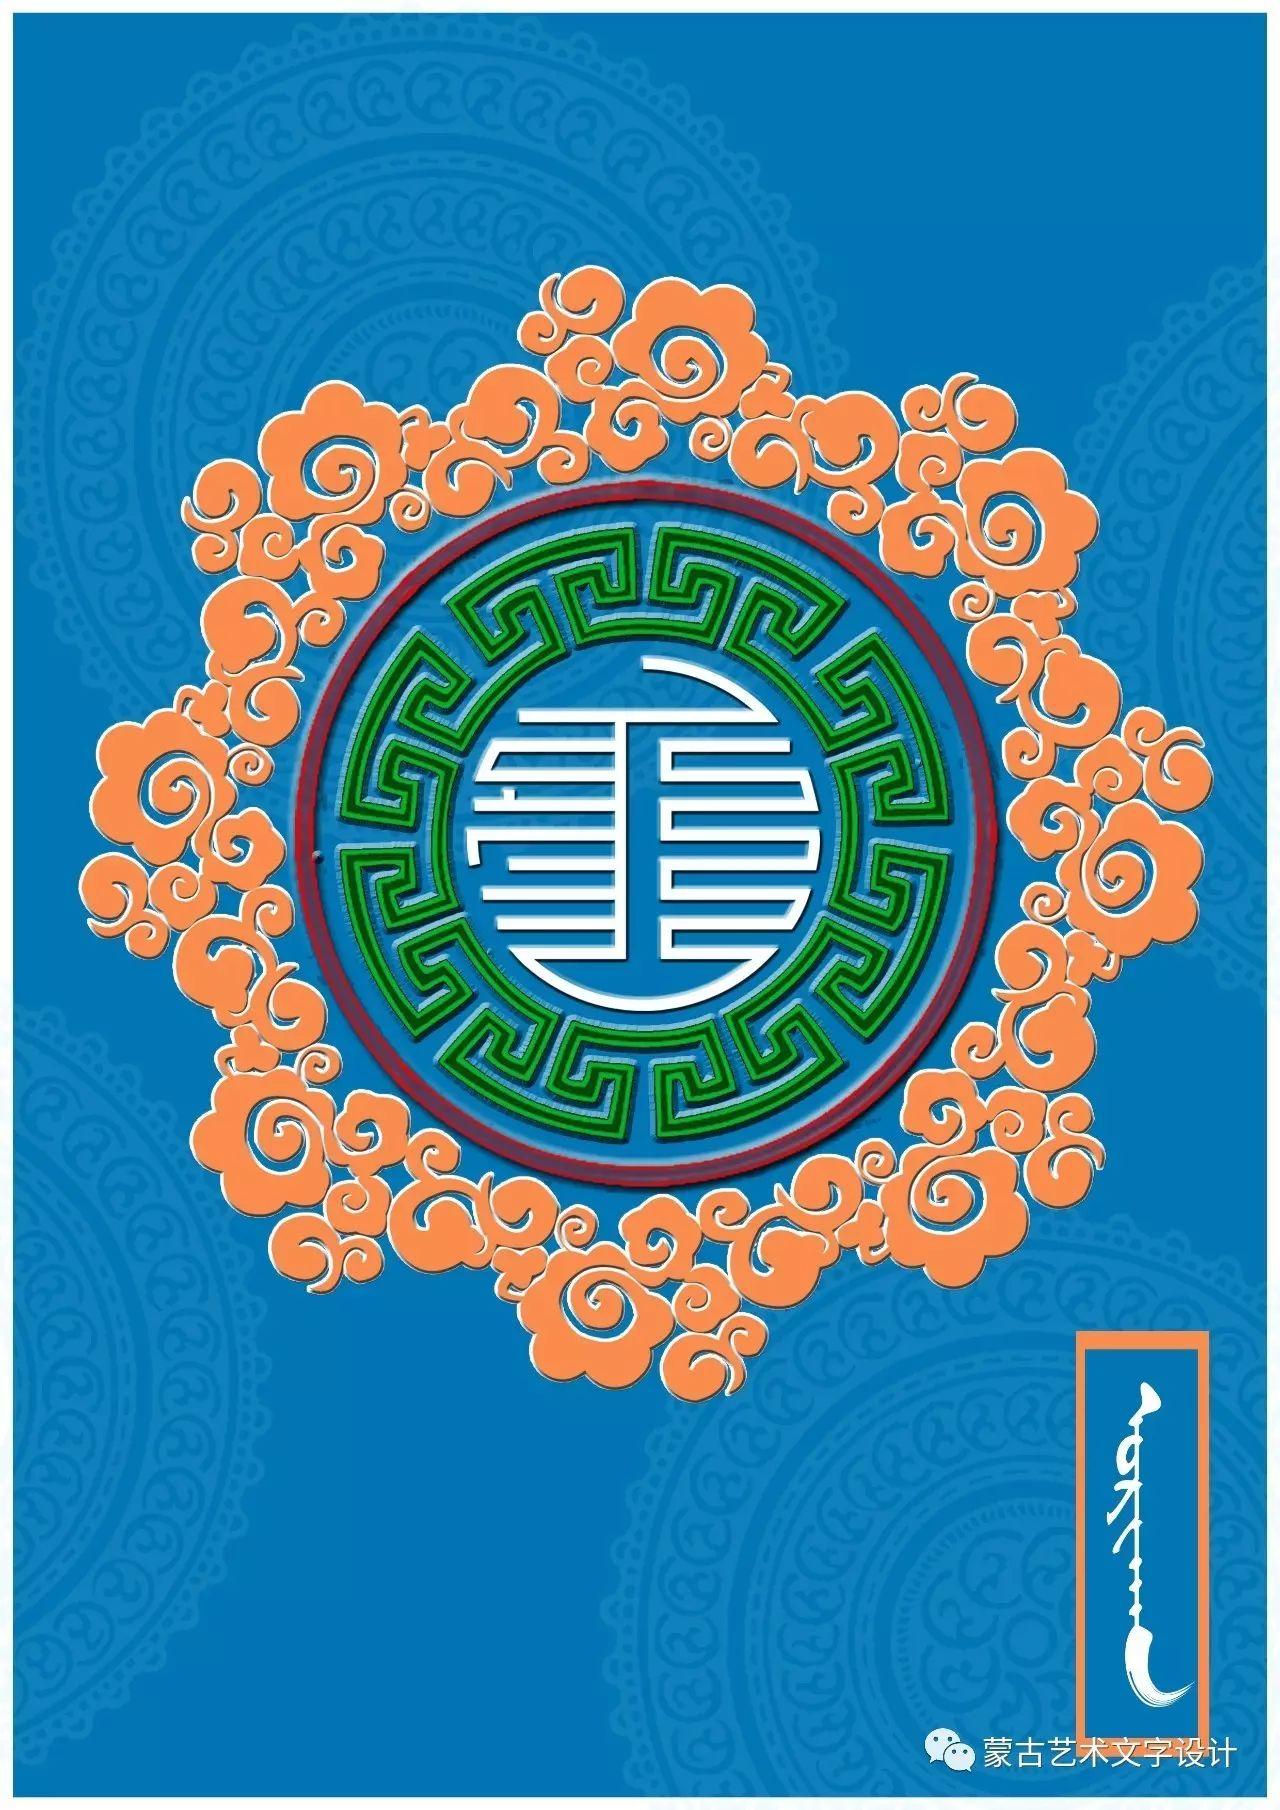 蒙古艺术文字设计 第30张